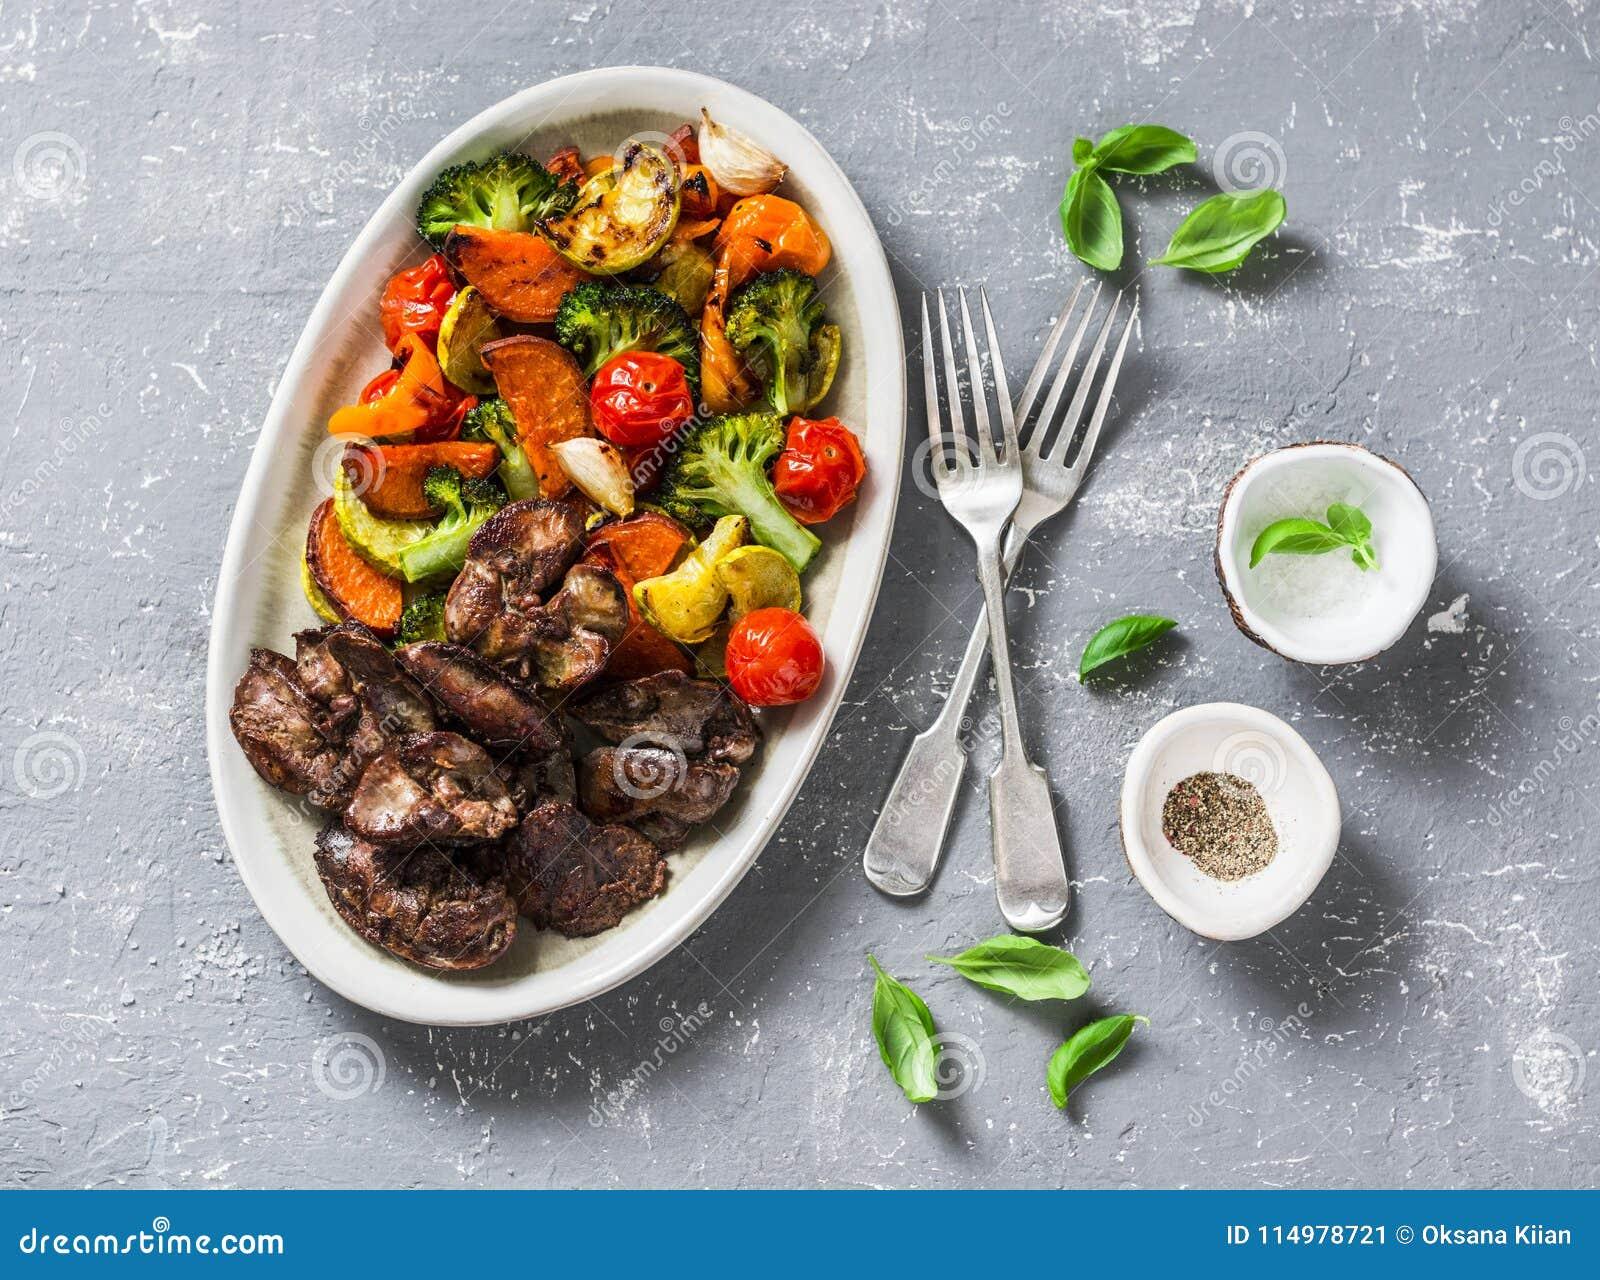 Bakade säsongsbetonade grönsaker - sötpotatisar, broccolikål, söta peppar, körsbärsröda tomater, beta, vitlök, zucchini och höna